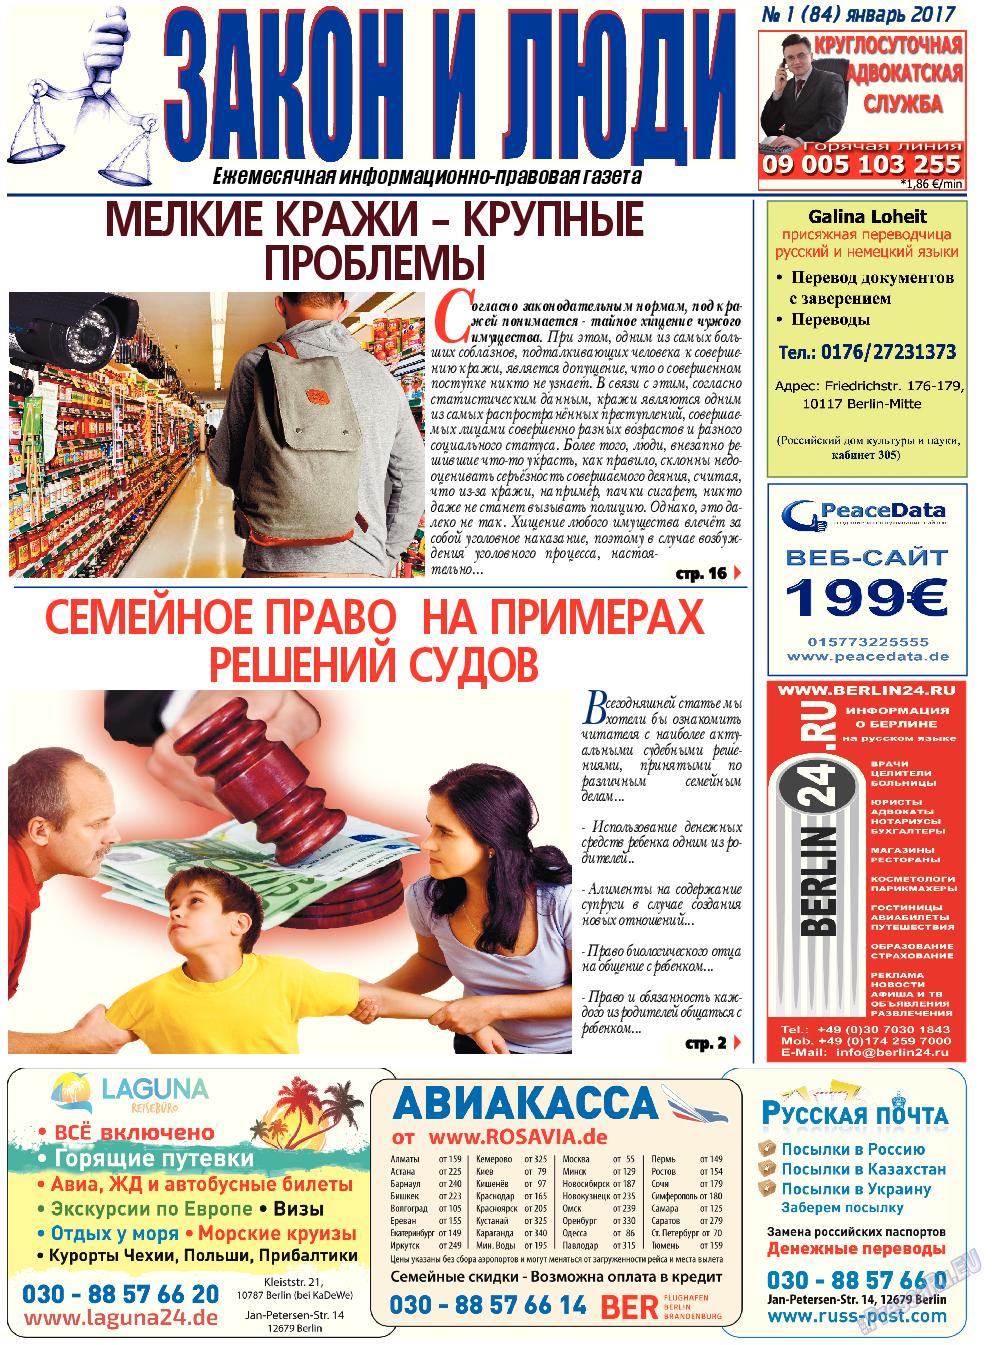 Закон и люди (газета). 2017 год, номер 1, стр. 1